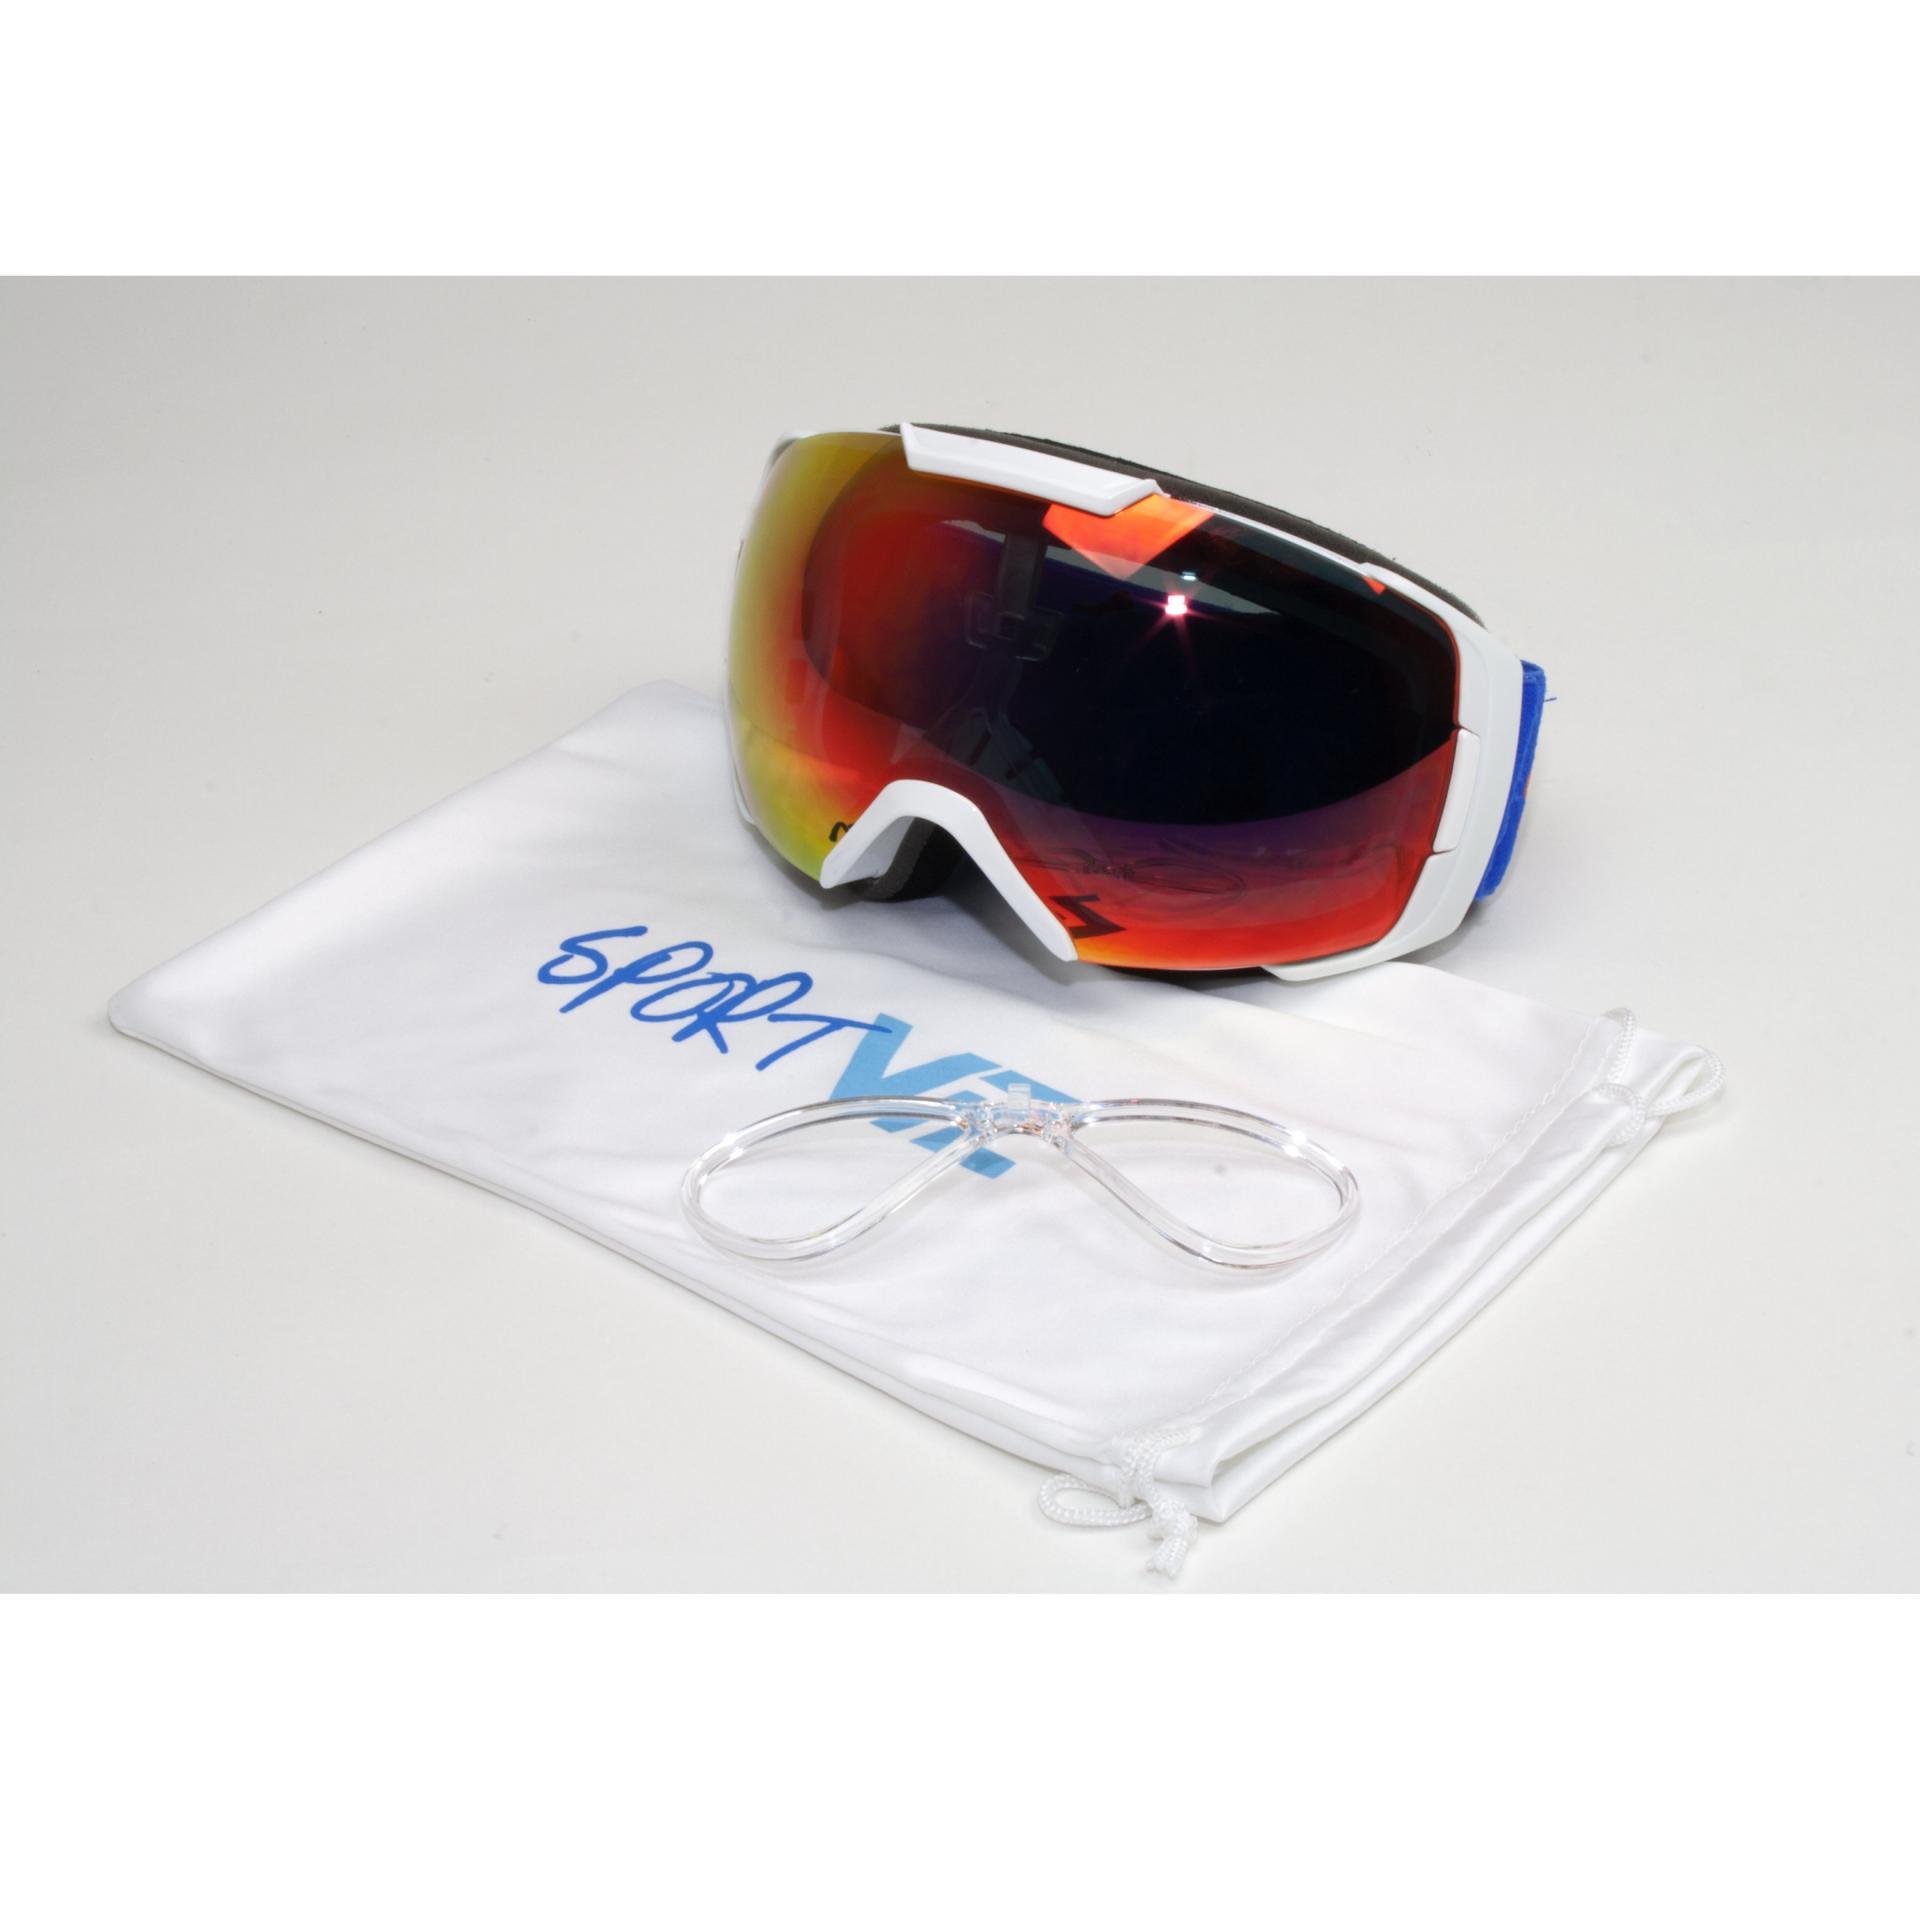 Masque de ski à verres correcteurs